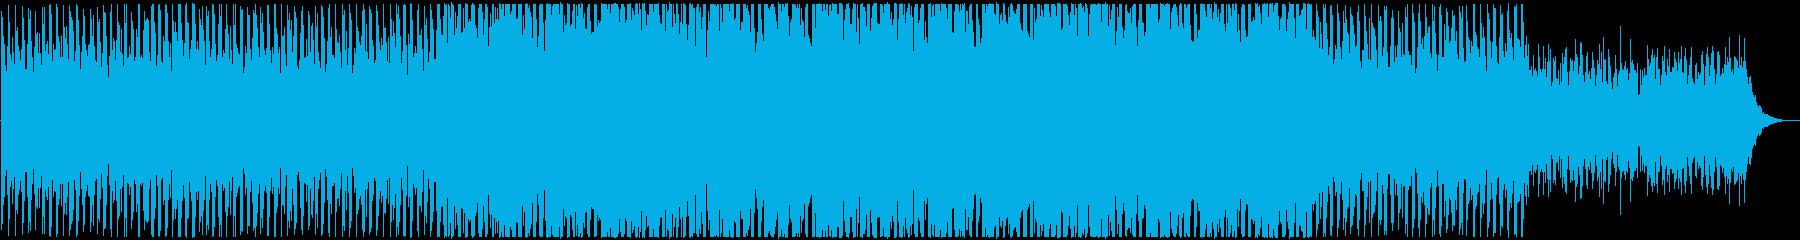 爽やかに空を飛ぶようなデジタルポップの再生済みの波形